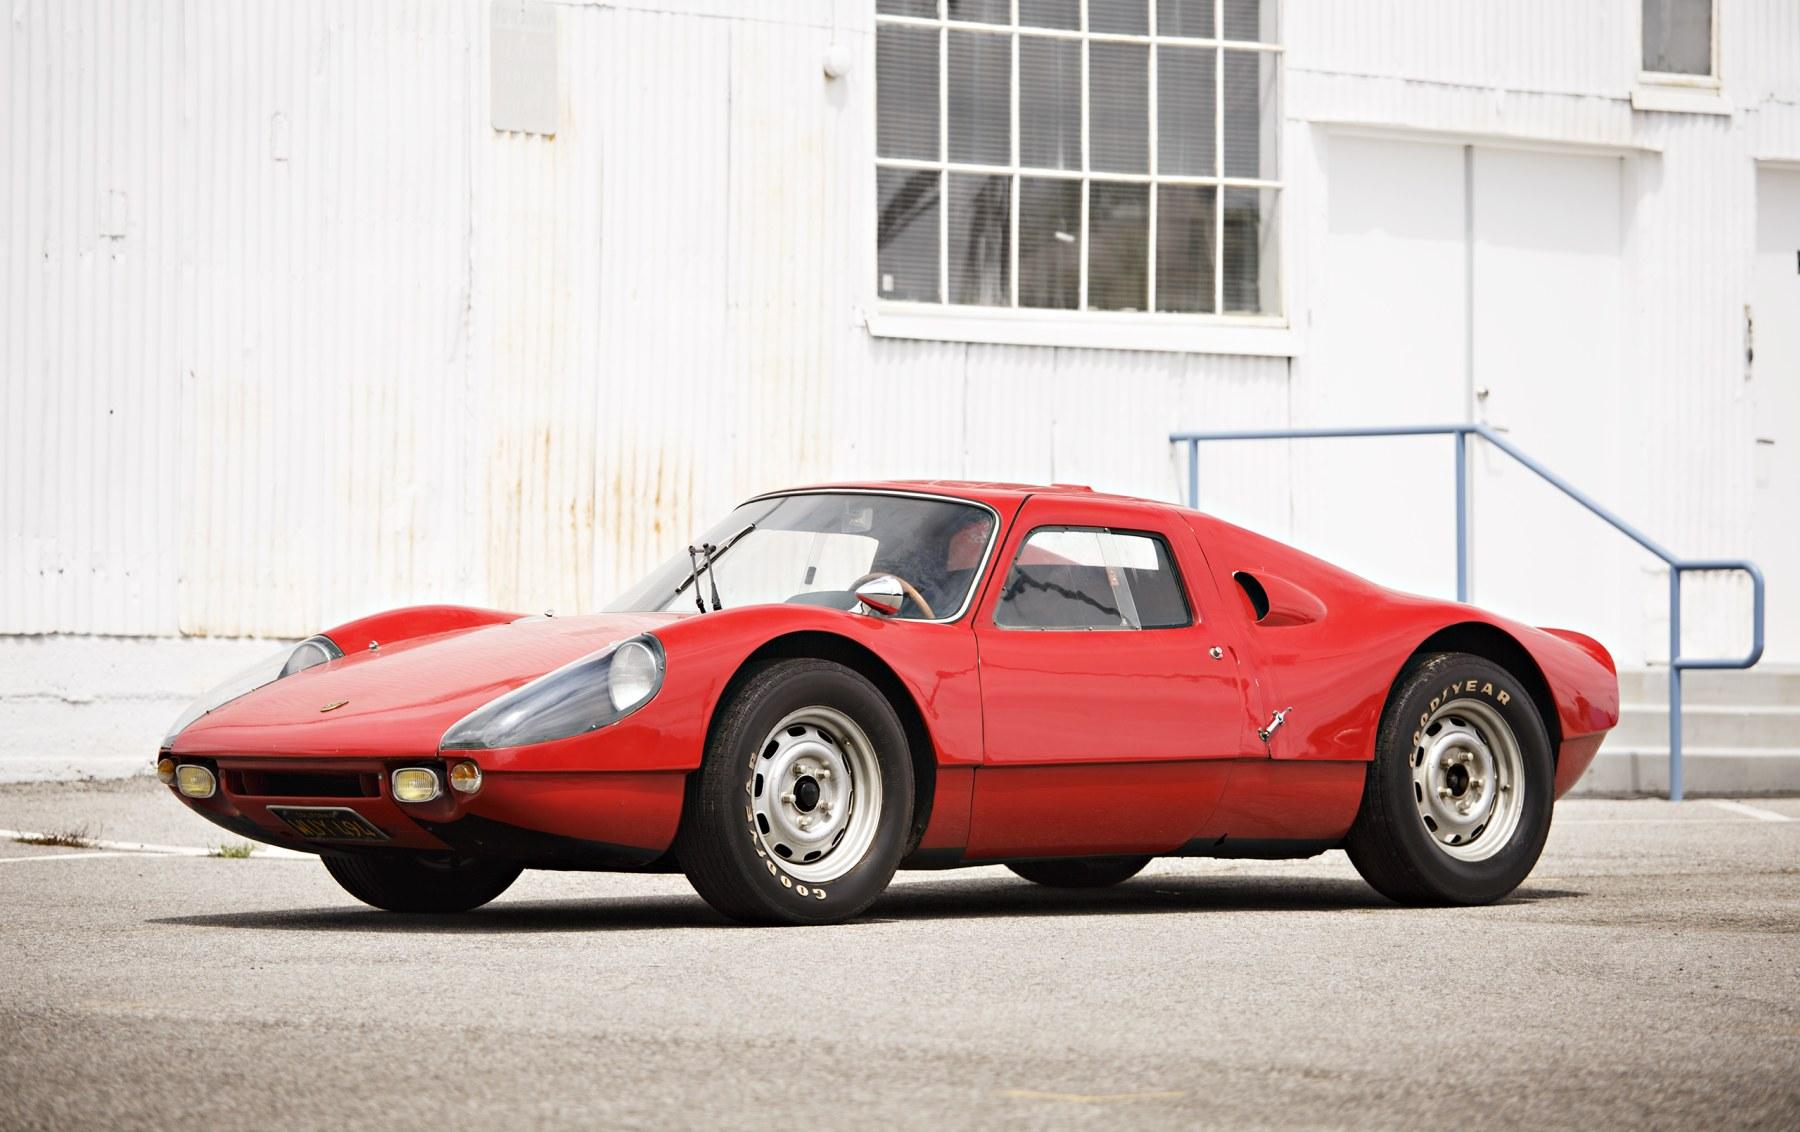 Prod/Private Sales/1964_Porsche_904_Carrera_GTS_0097_jhgiio